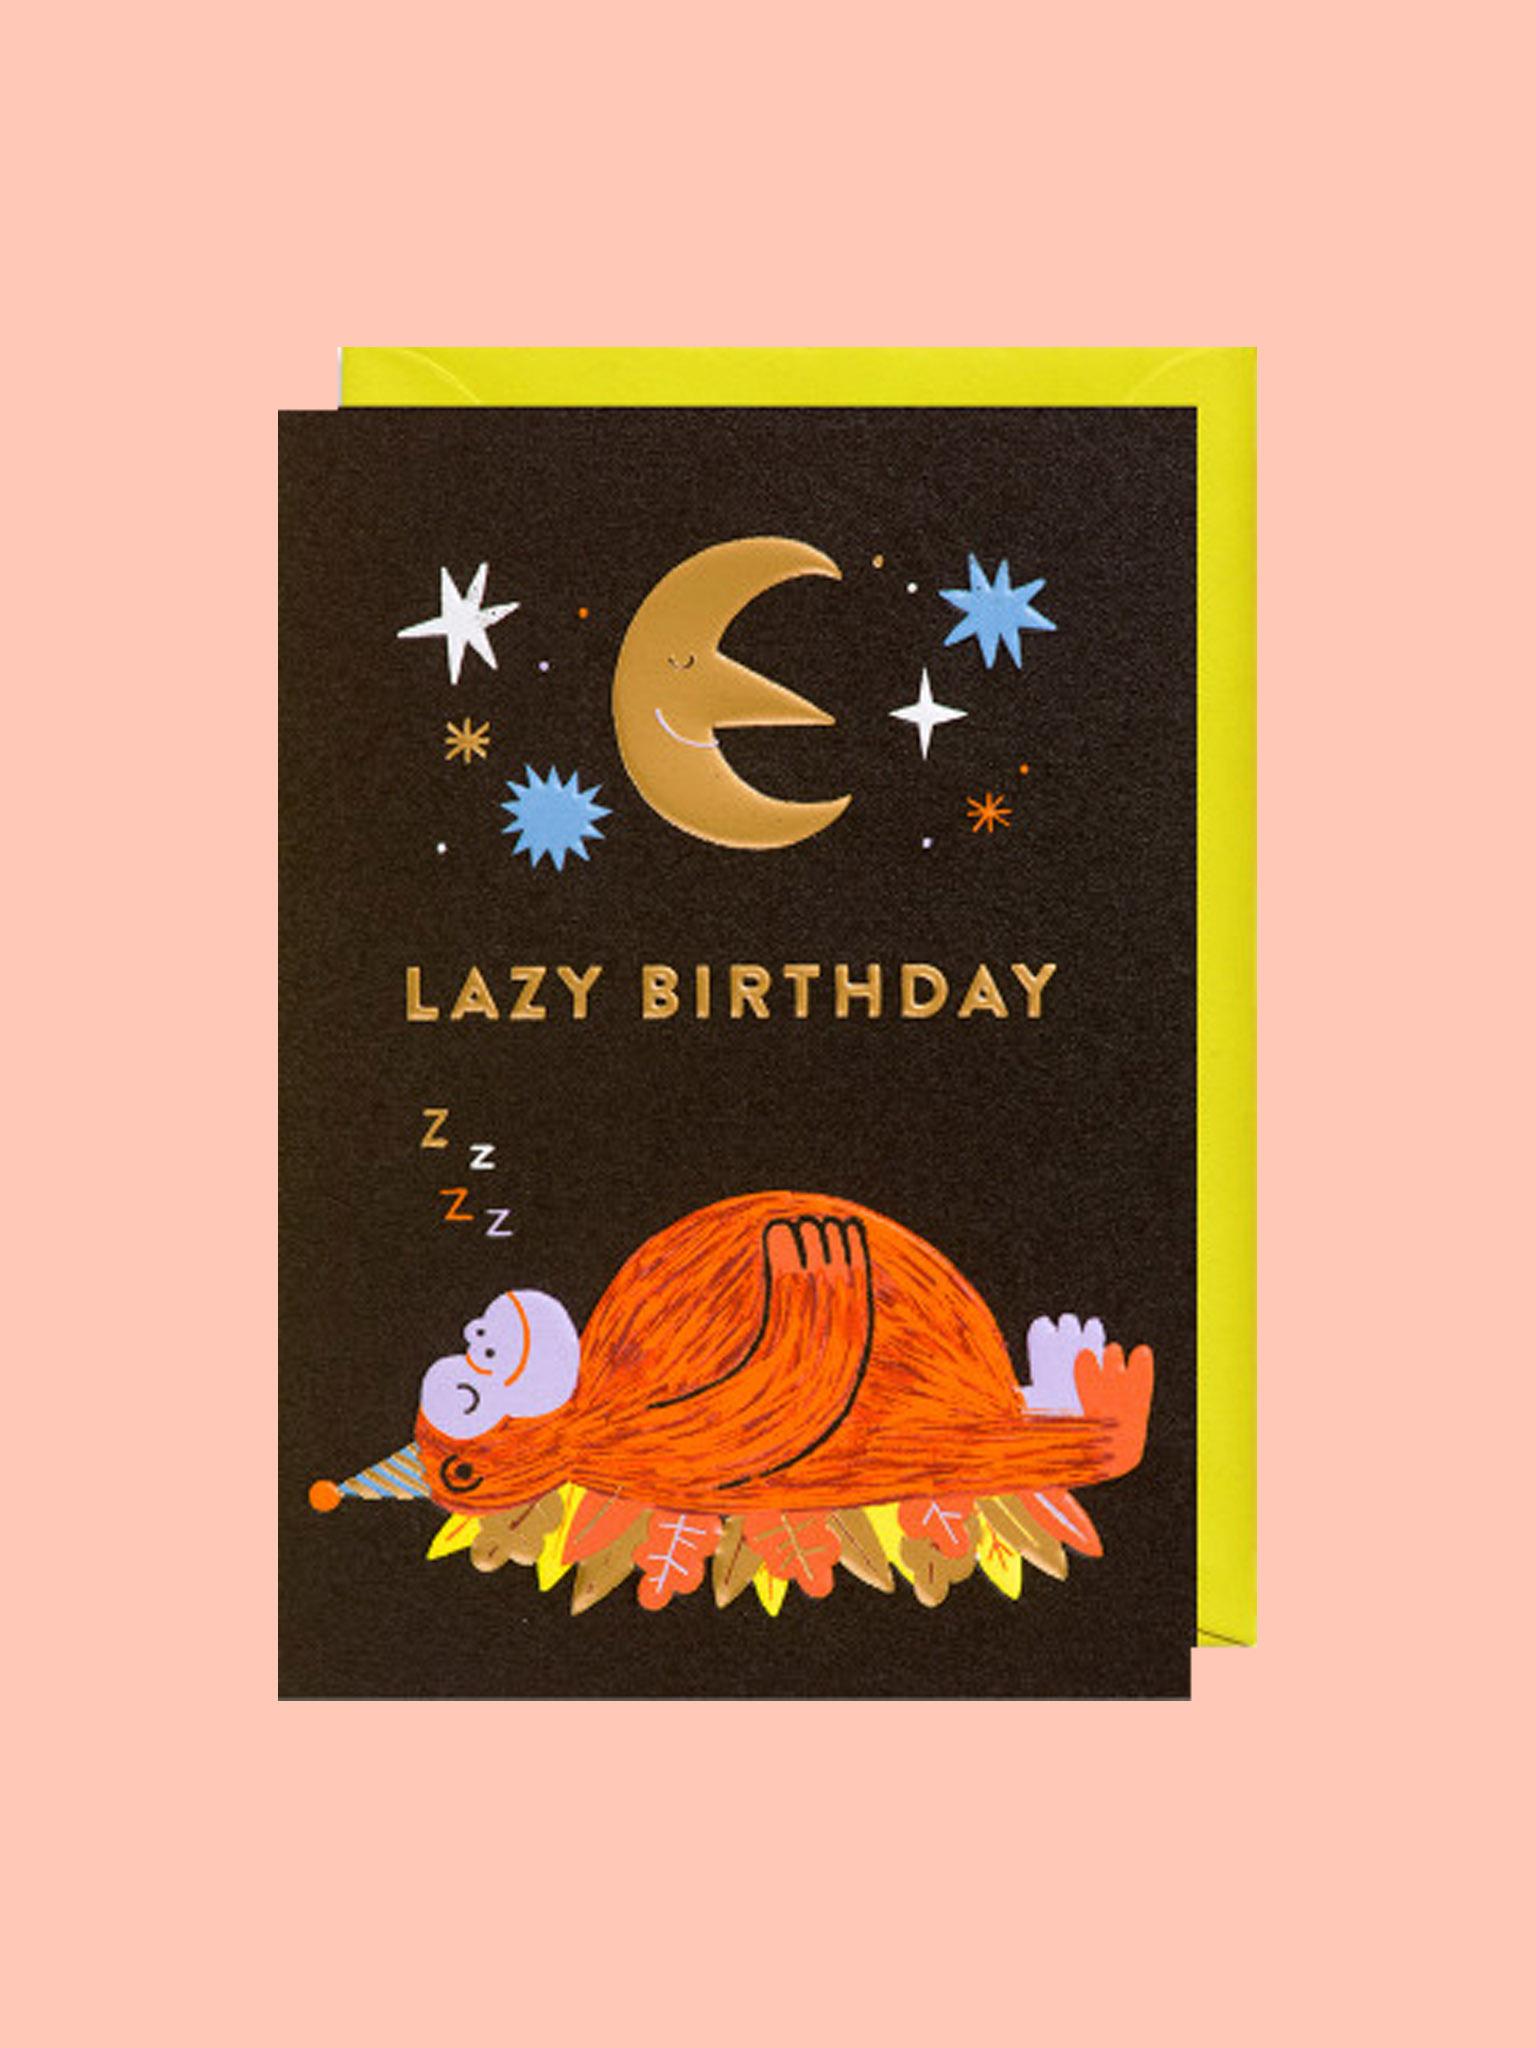 Klappkarte Lazy Birthday